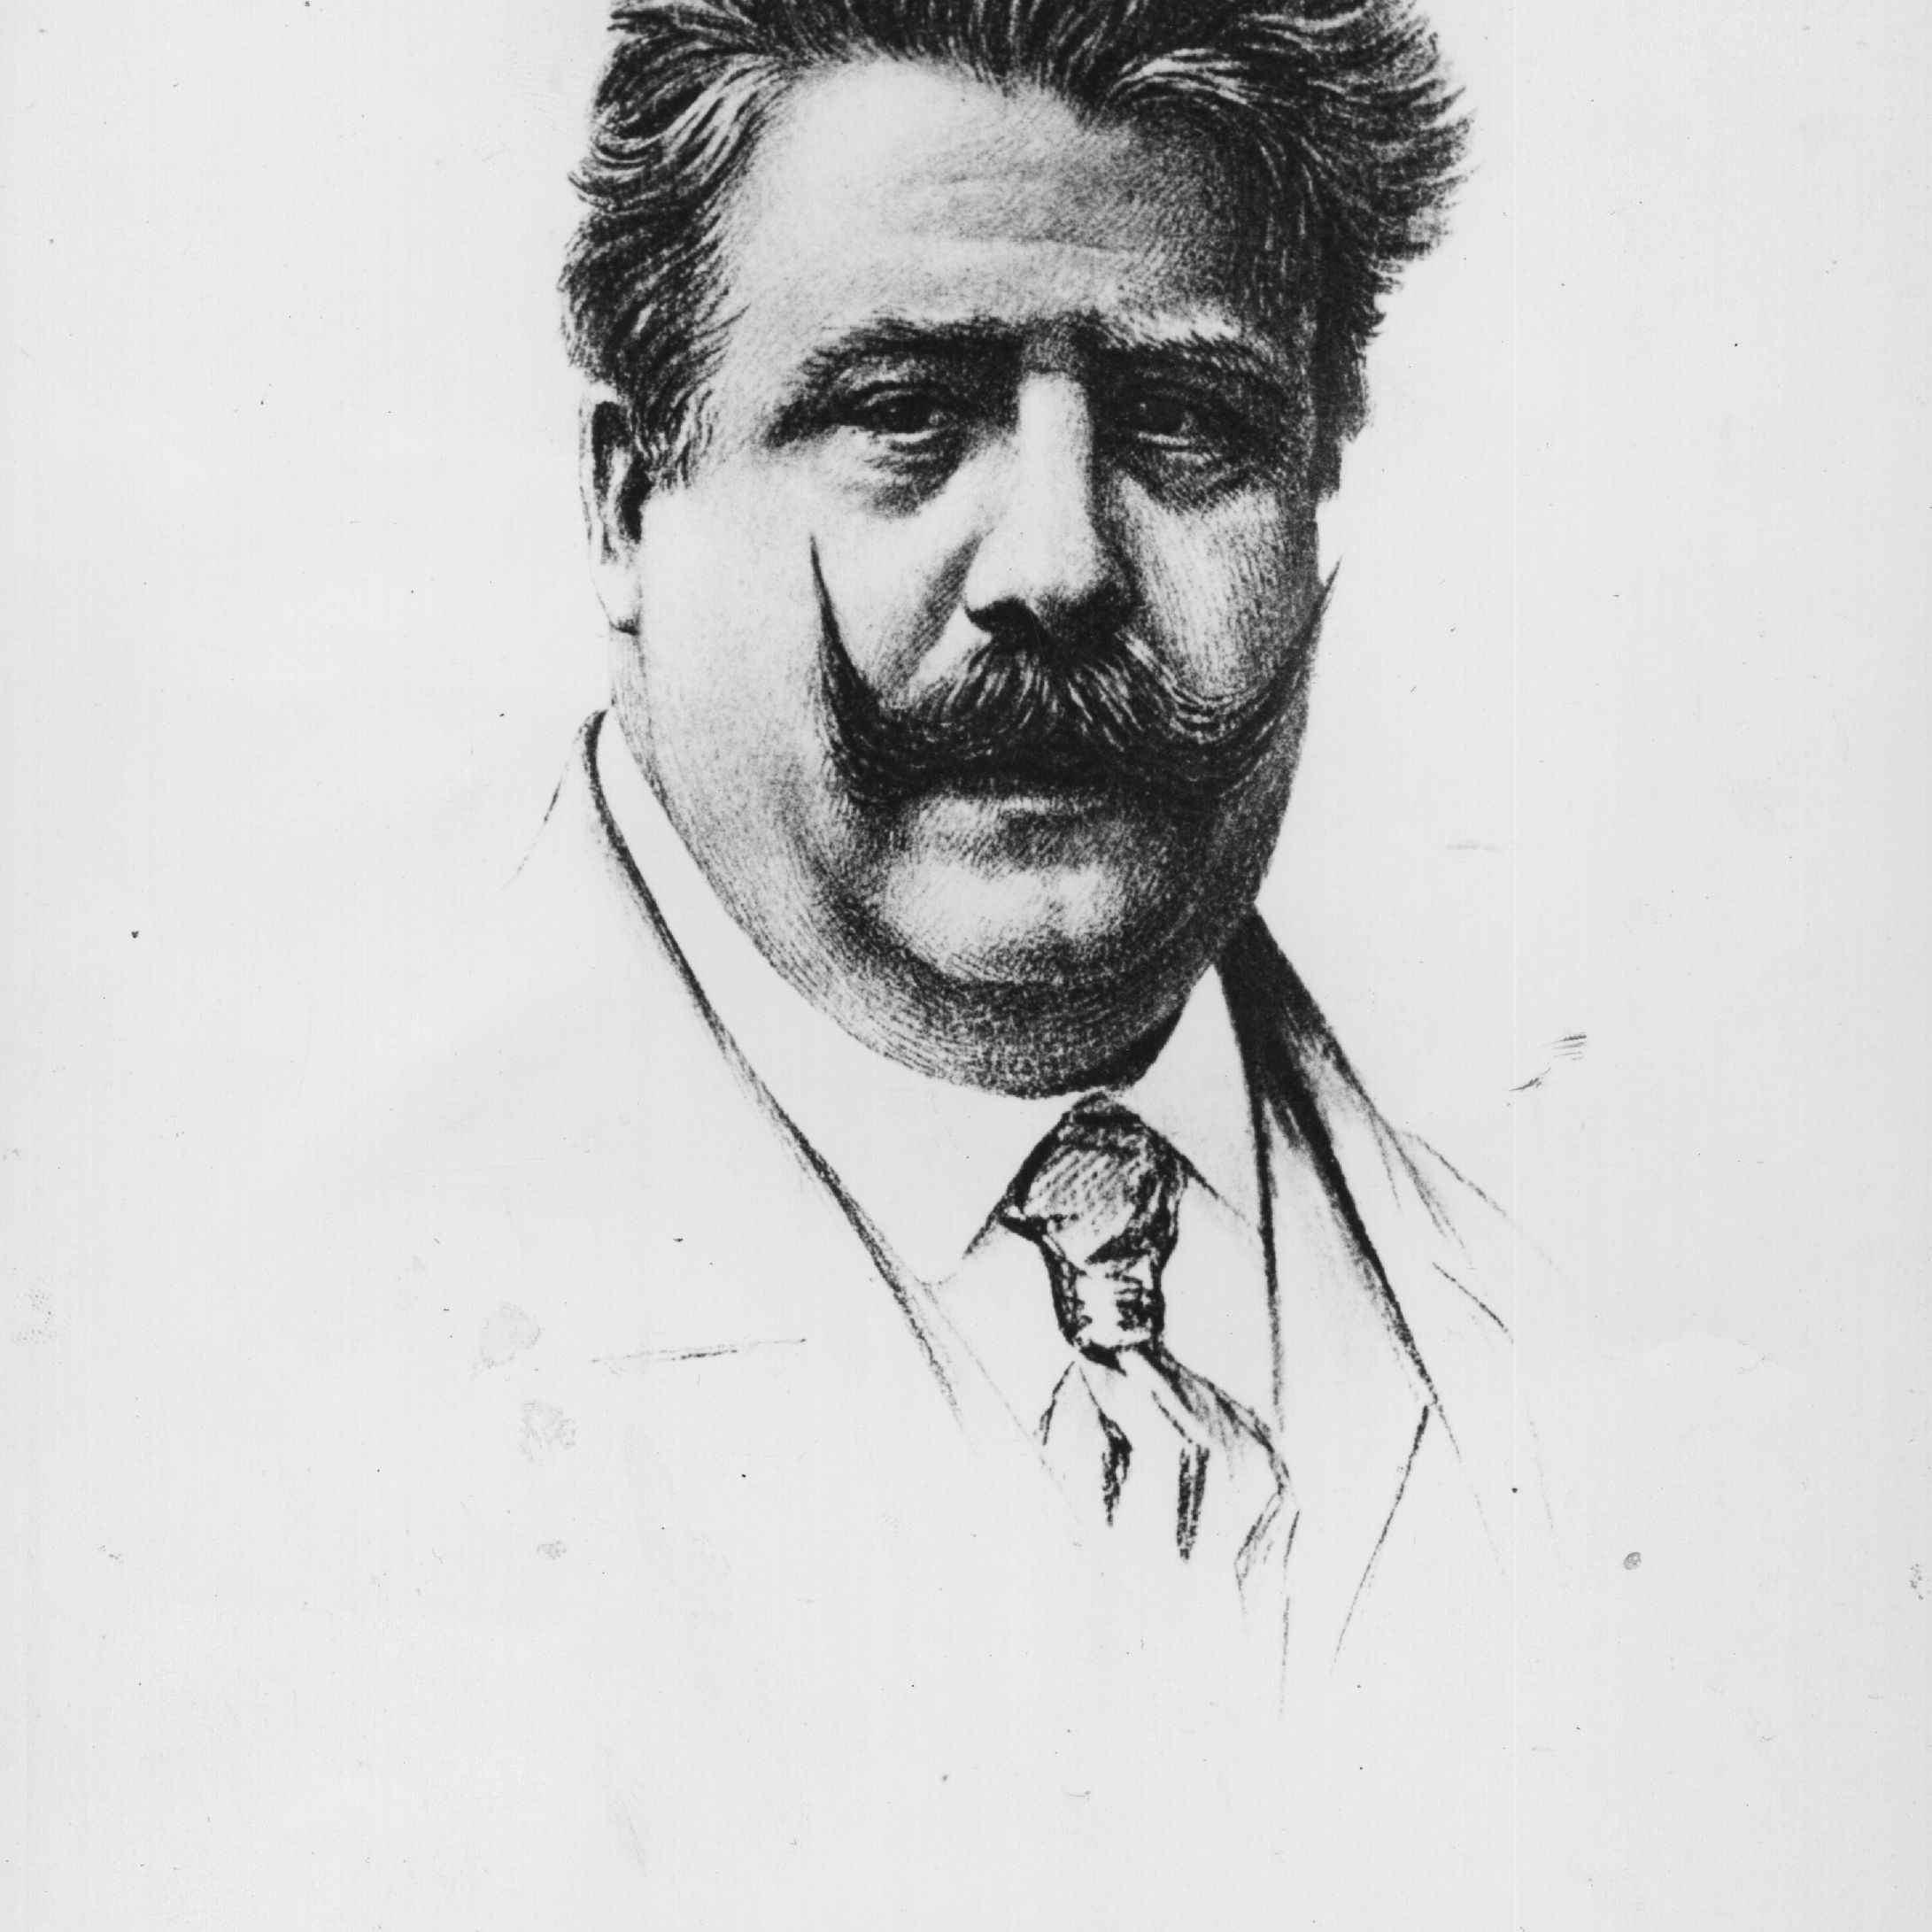 Ruggiero Leoncavallo (1857 - 1919), Italian composer